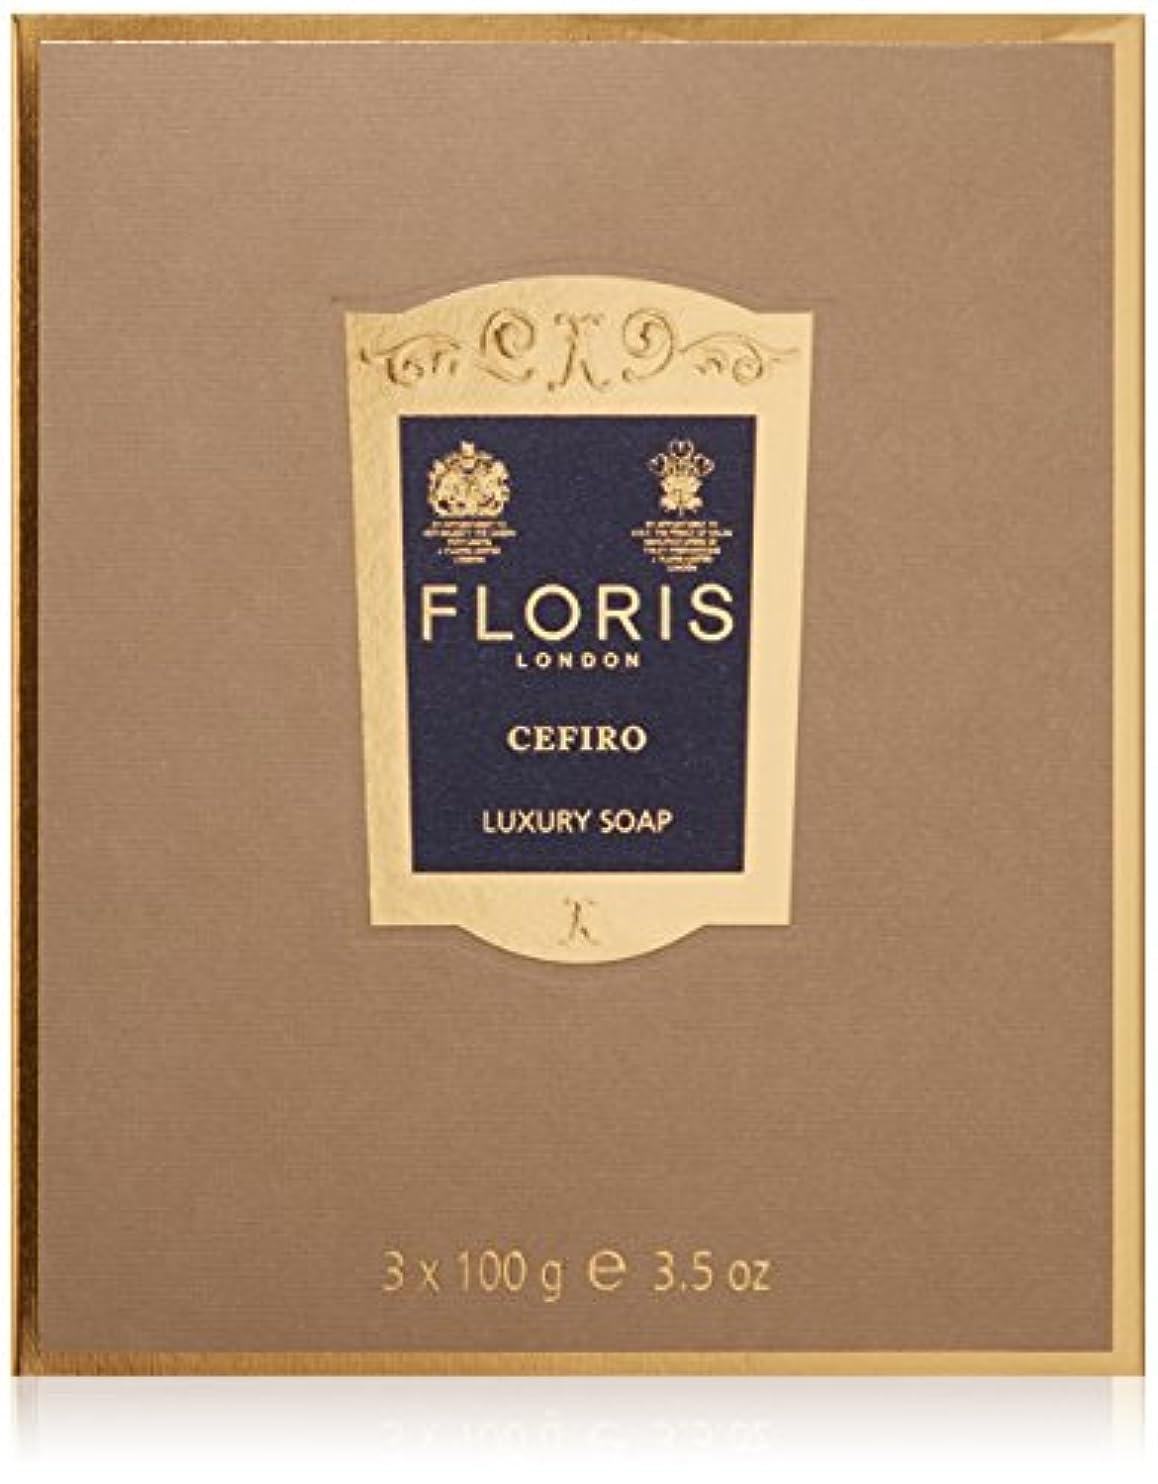 自宅で有限アコーフローリス ラグジュアリーソープCF(セフィーロ) 3x100g/3.5oz